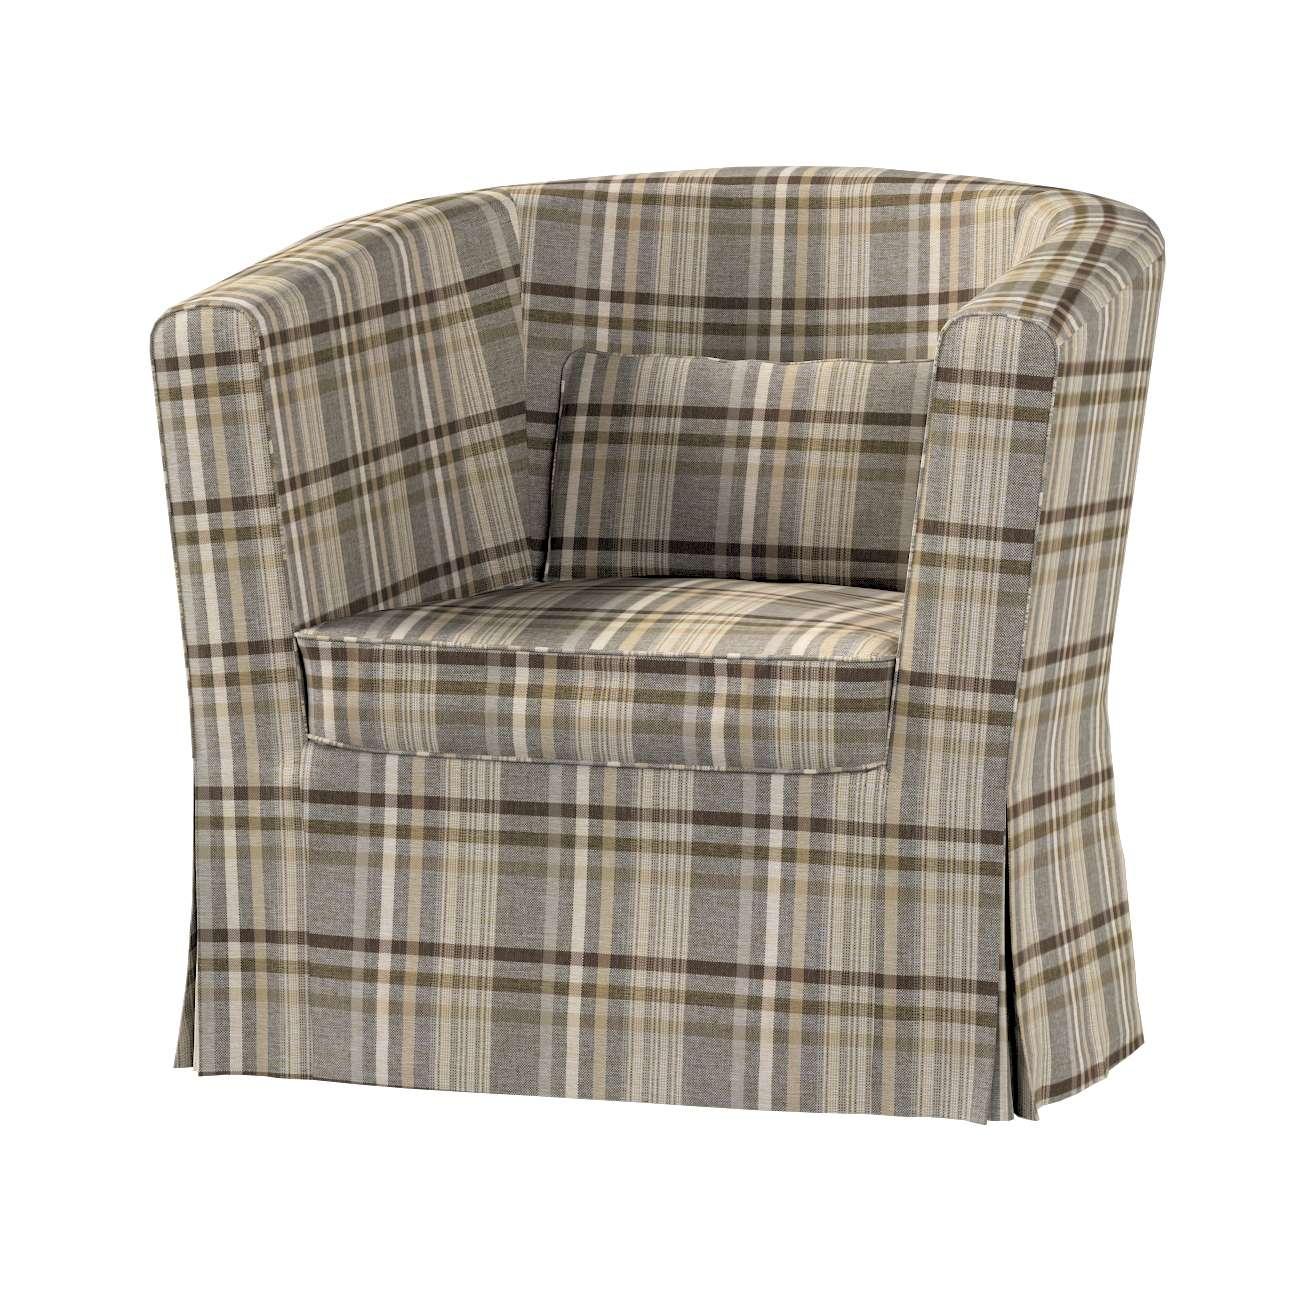 Pokrowiec na fotel Ektorp Tullsta w kolekcji Edinburgh, tkanina: 703-17